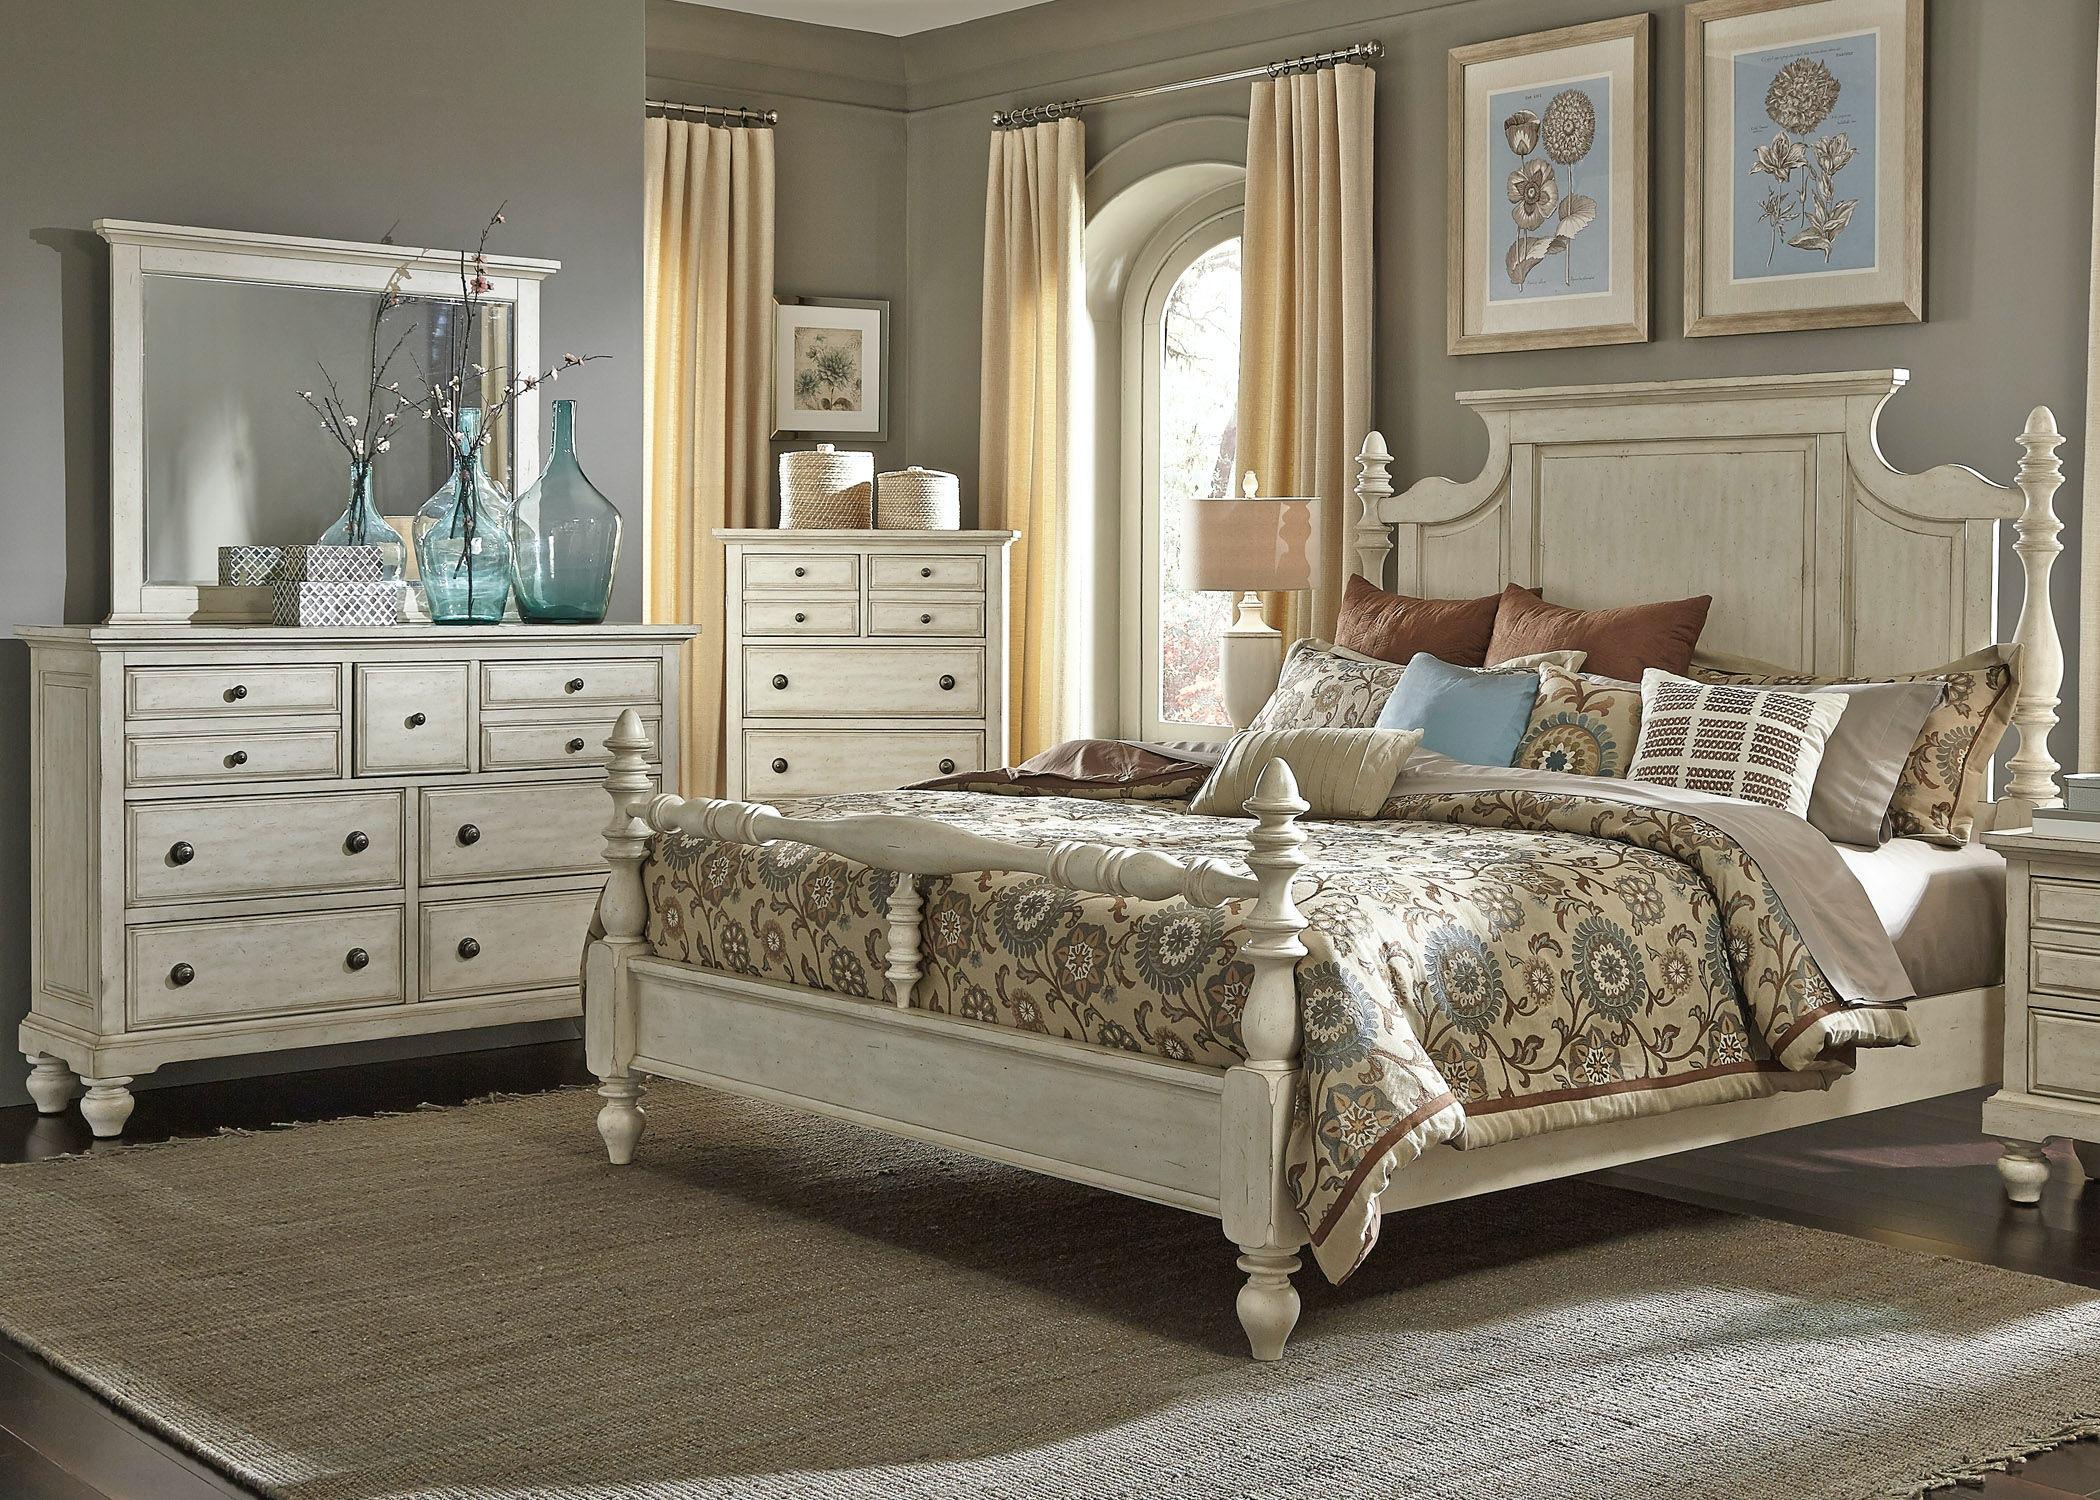 Delightful Liberty Furniture Bedroom Poster Bed Rails 697 BR90   Kiser Furniture    Abingdon, VA